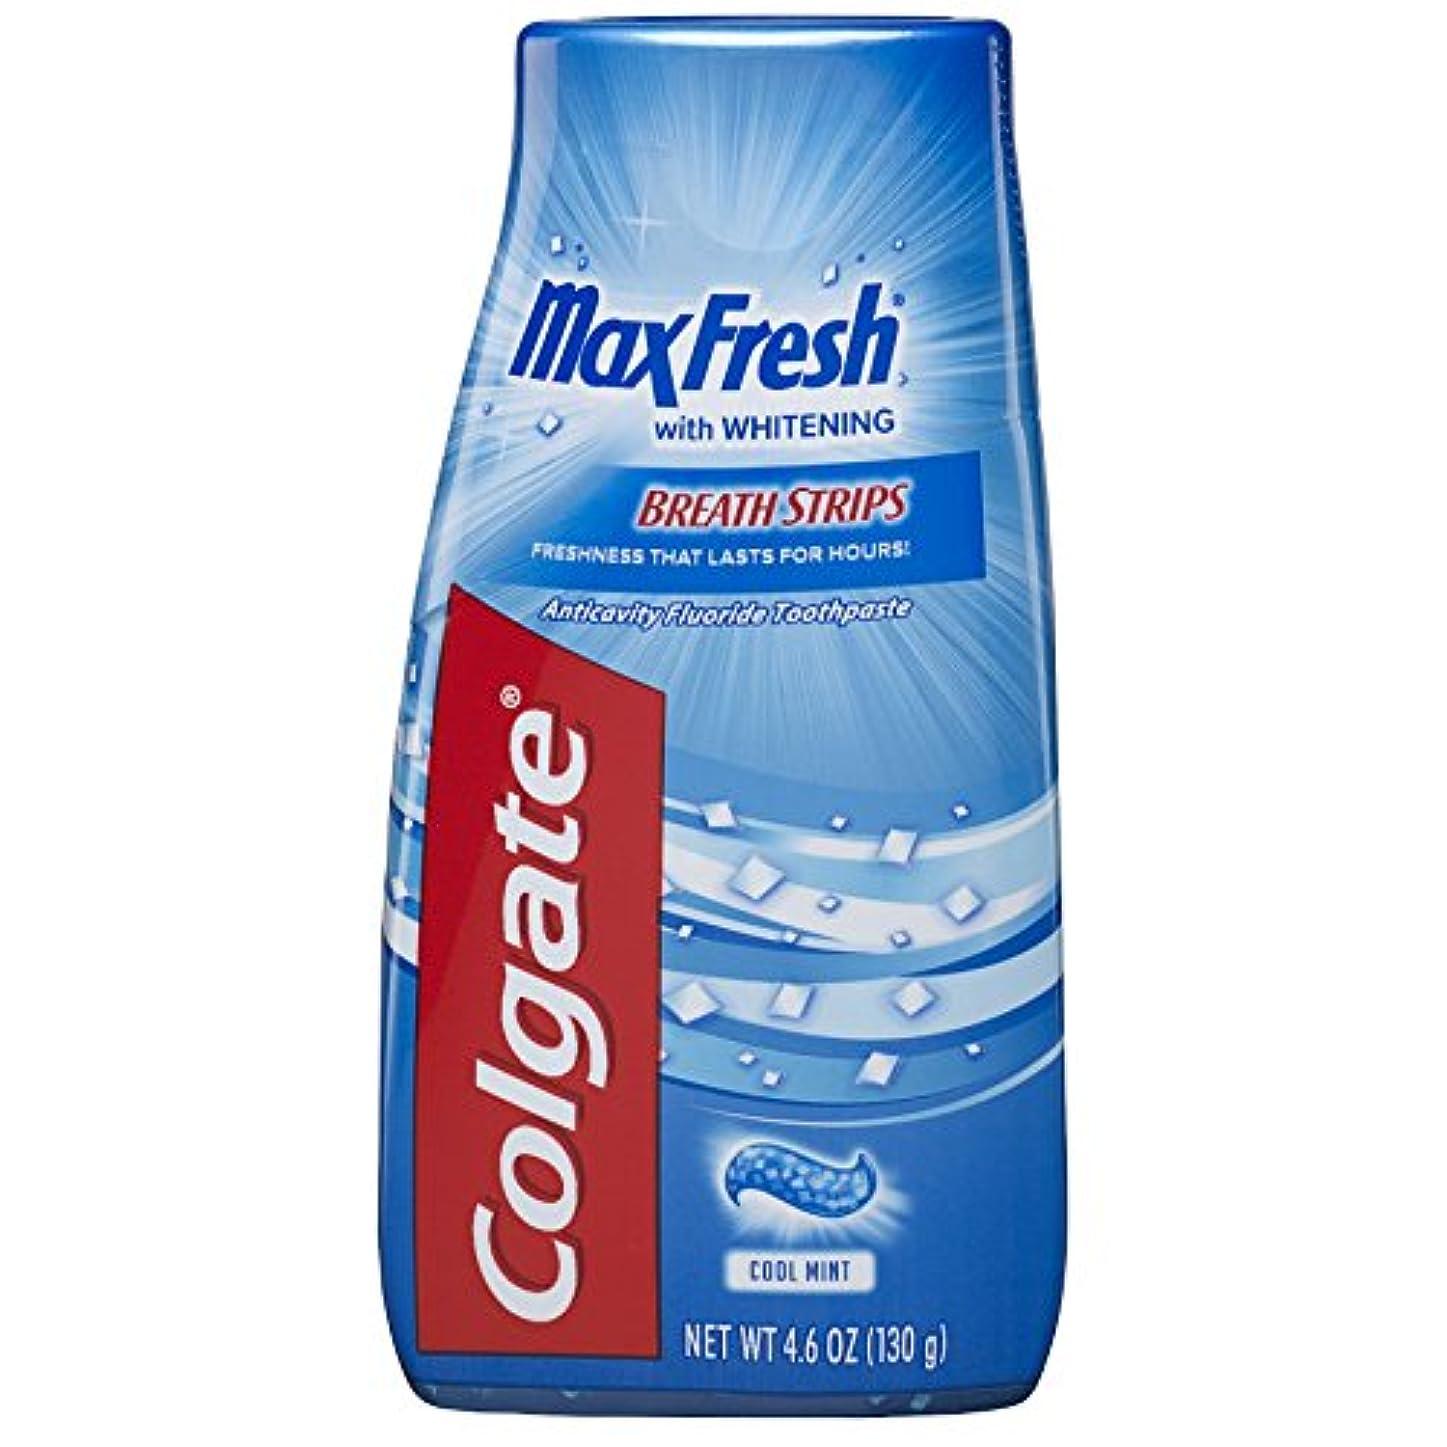 入力薬理学雇ったColgate マックス新鮮な液体ゲル2-IN-1歯磨き粉およびマウスウォッシュ - 4.6オンス(12パック)